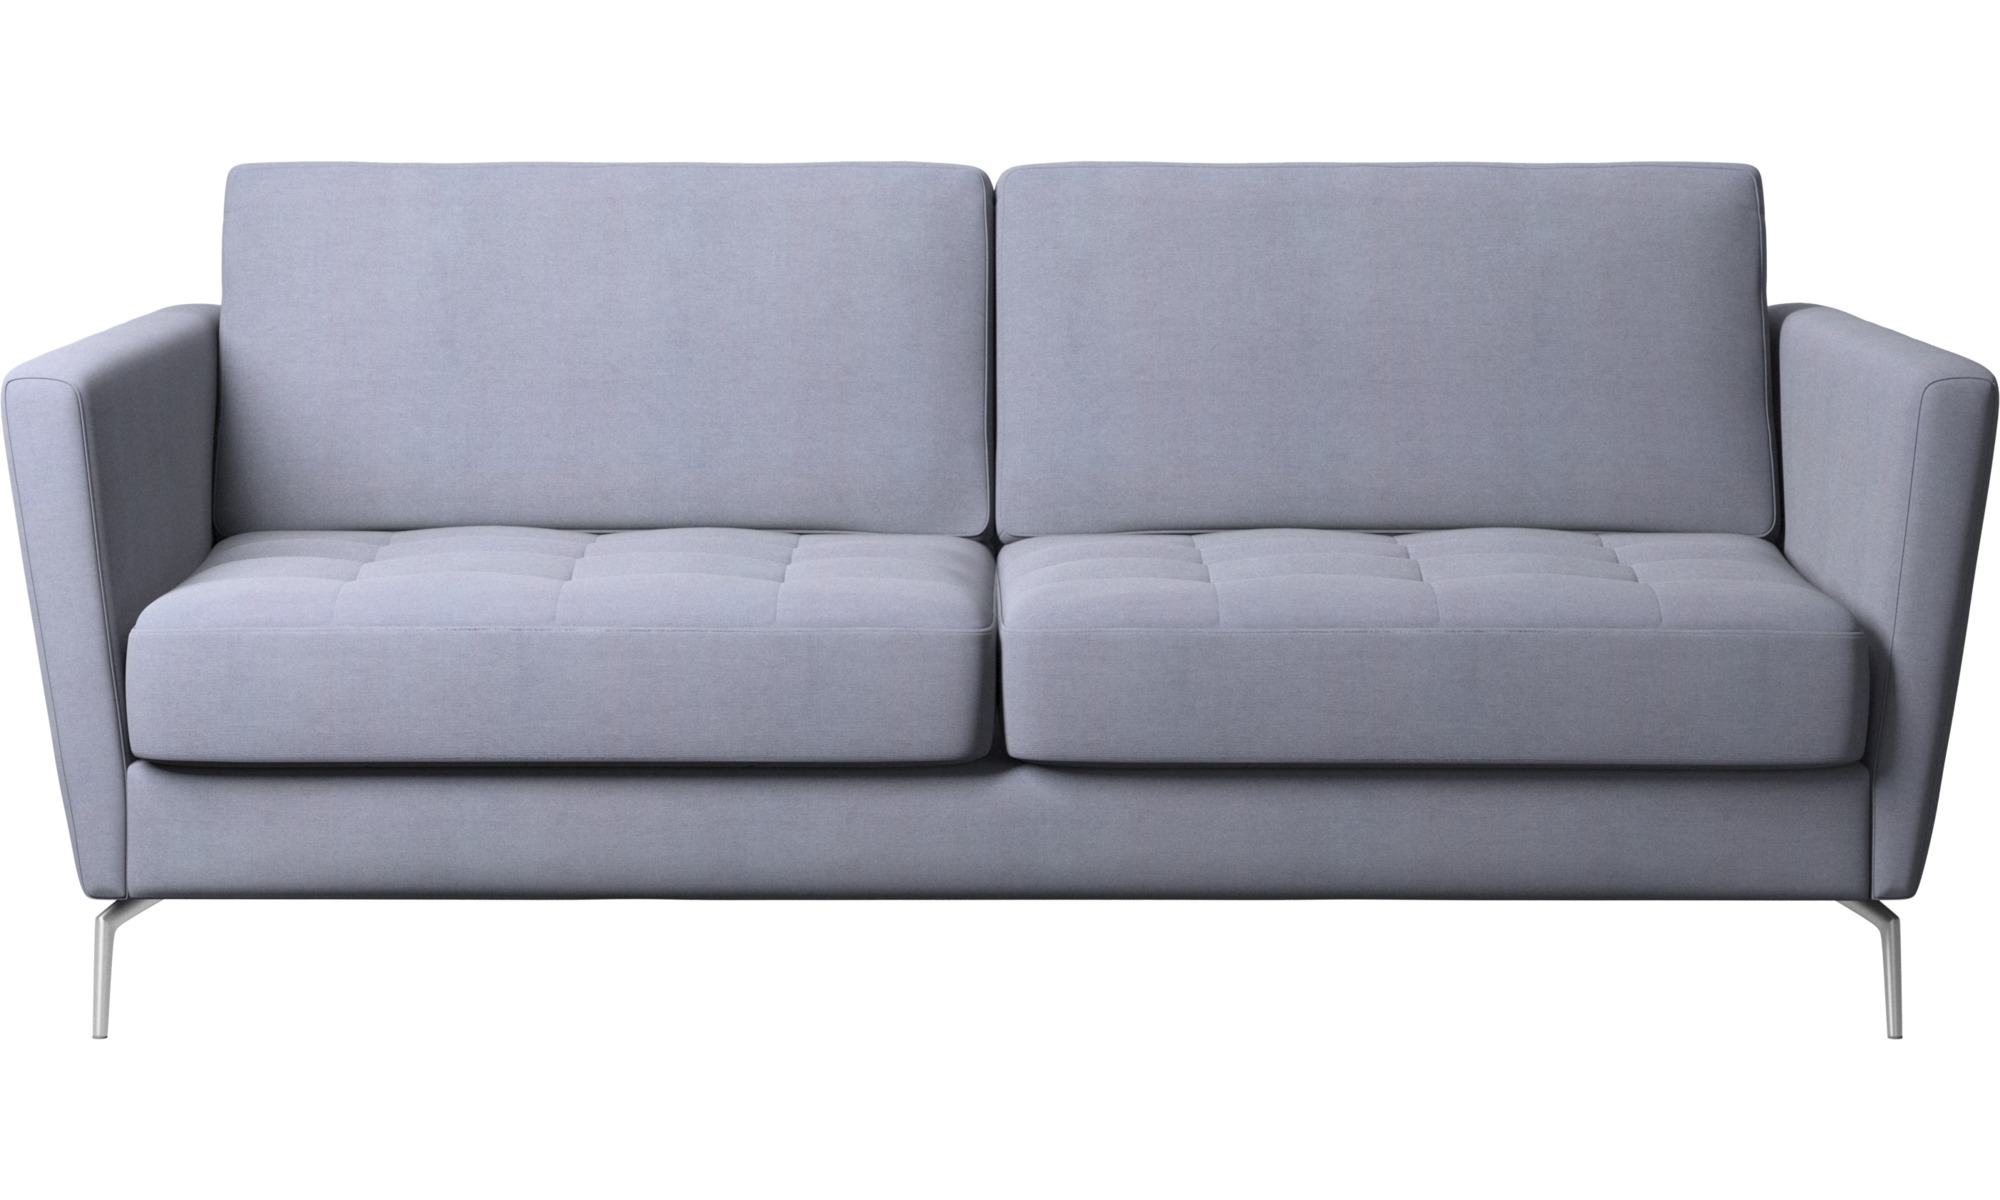 Sofy rozkładane - Sofa Osaka z funkcją spania, pikowane siedzisko - Niebieski - Tkanina